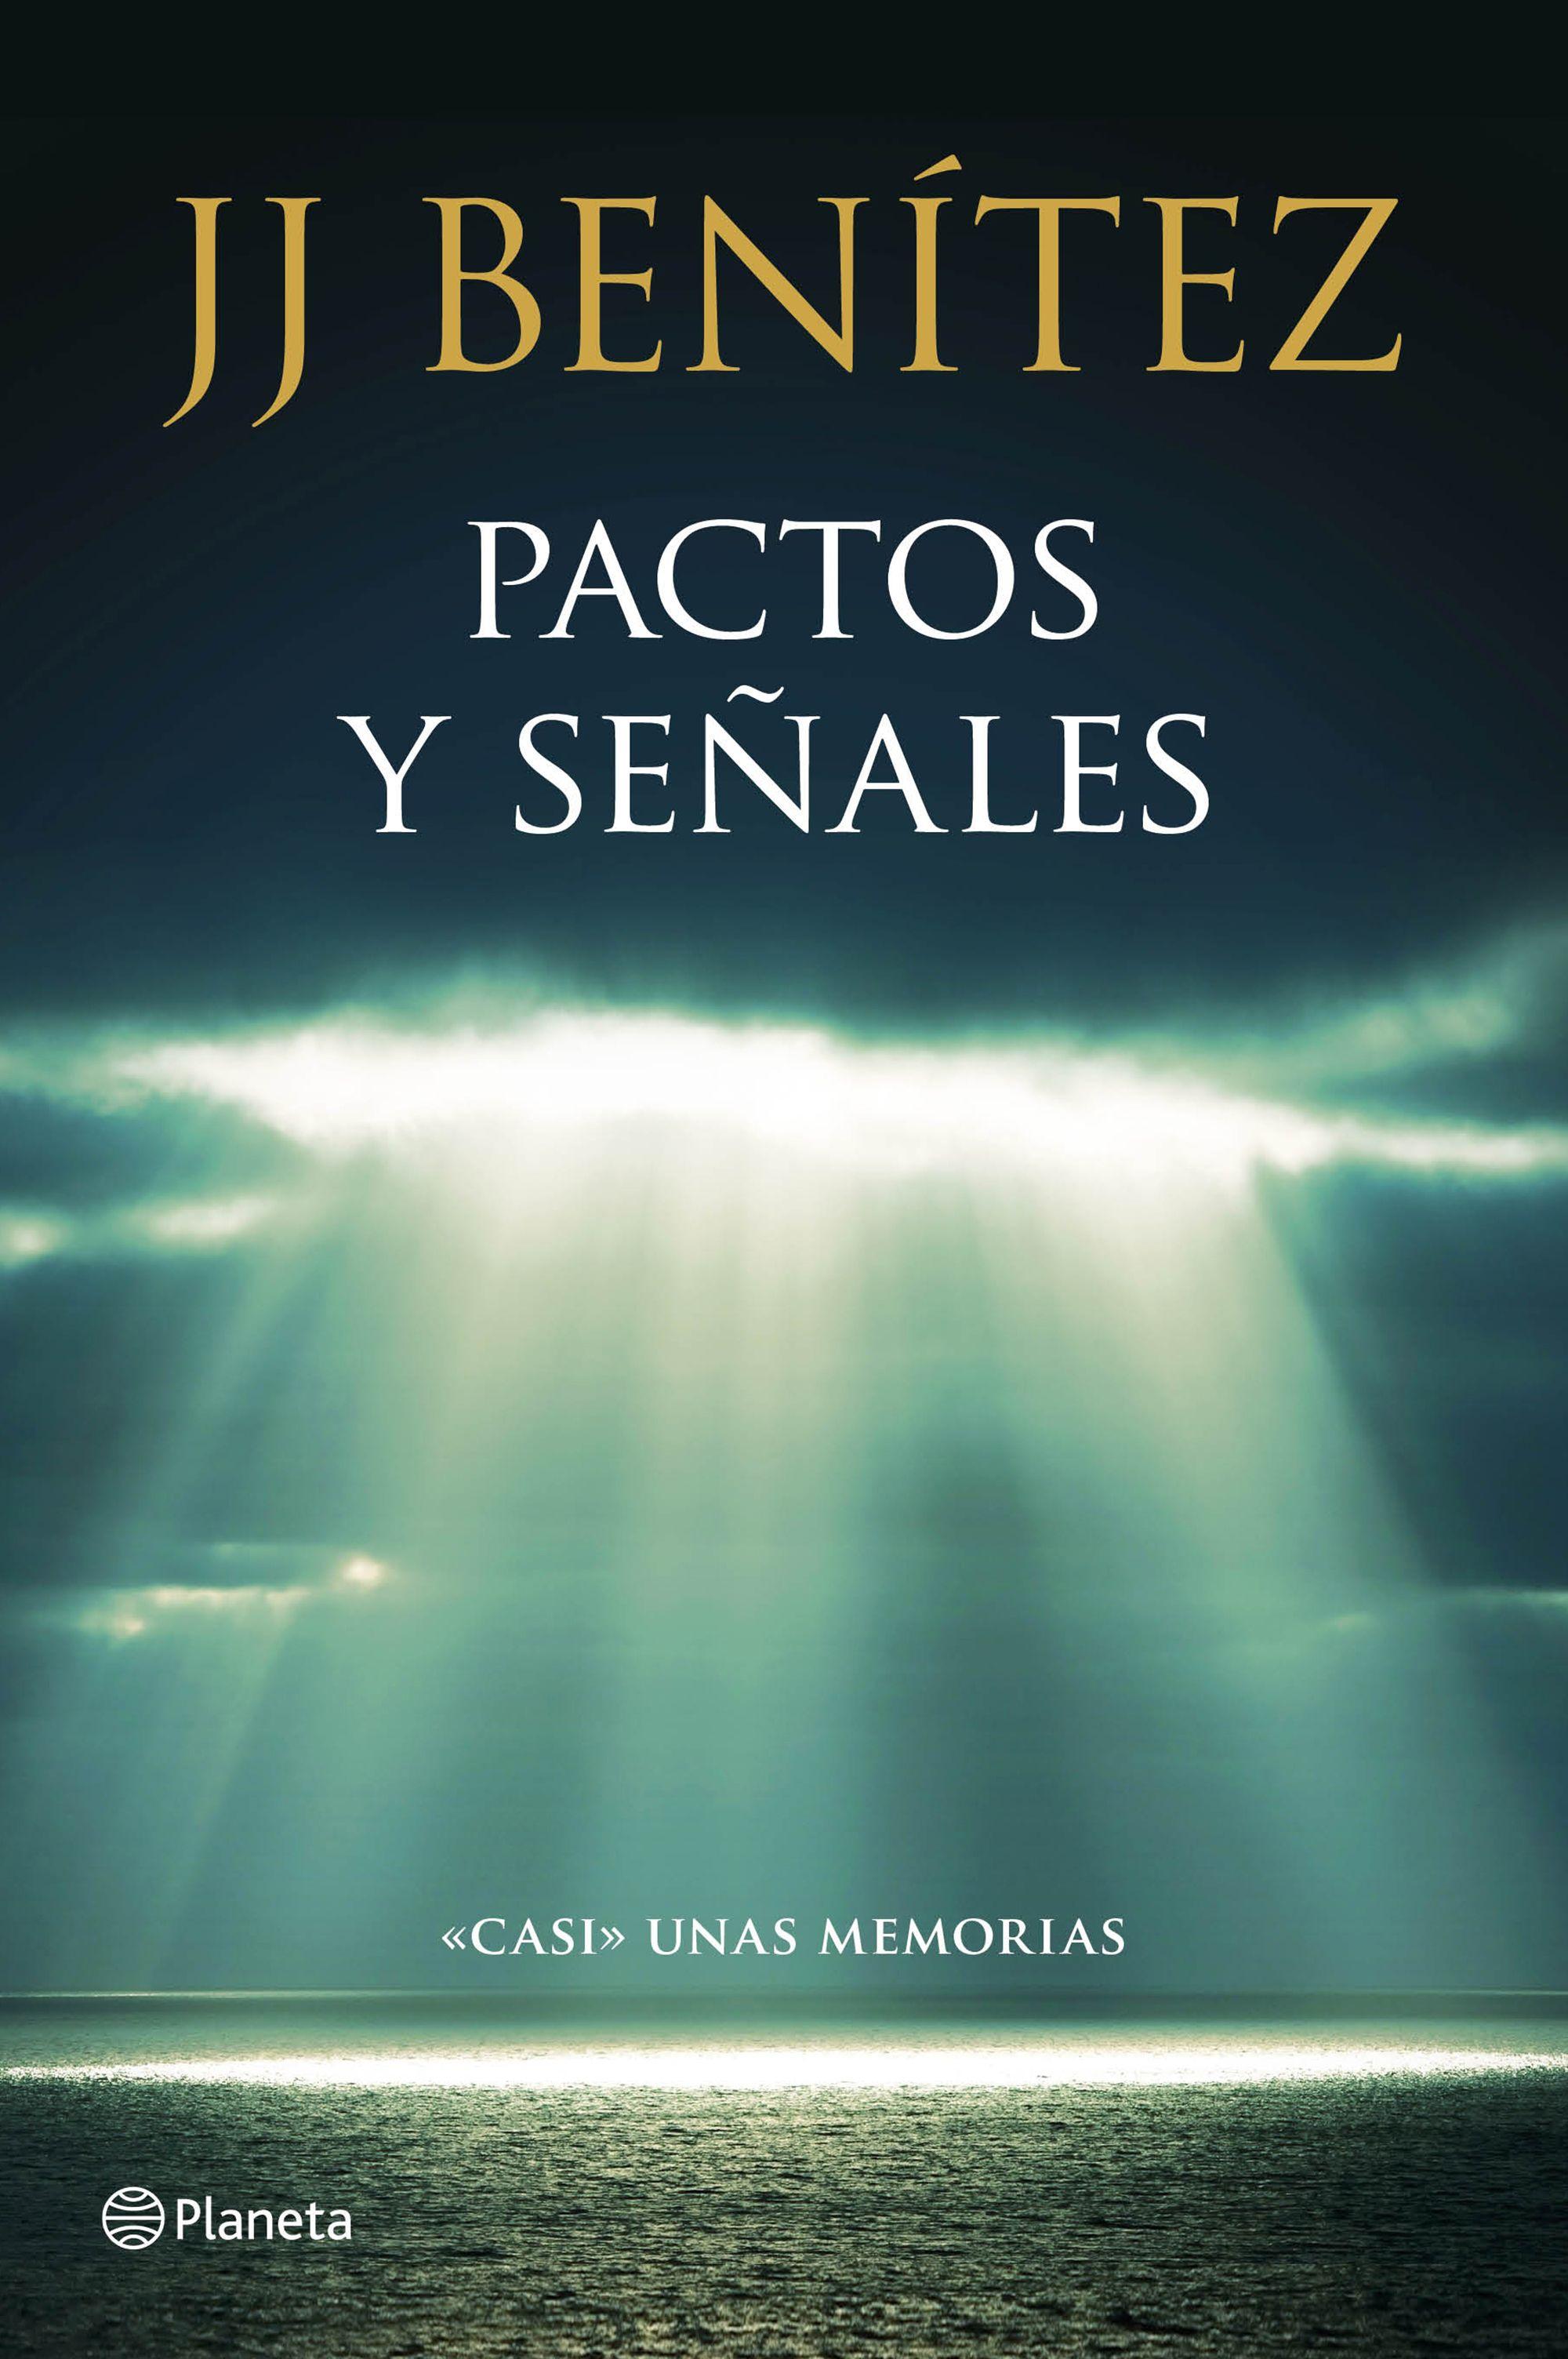 Pactos y señales - J. J. Benítez